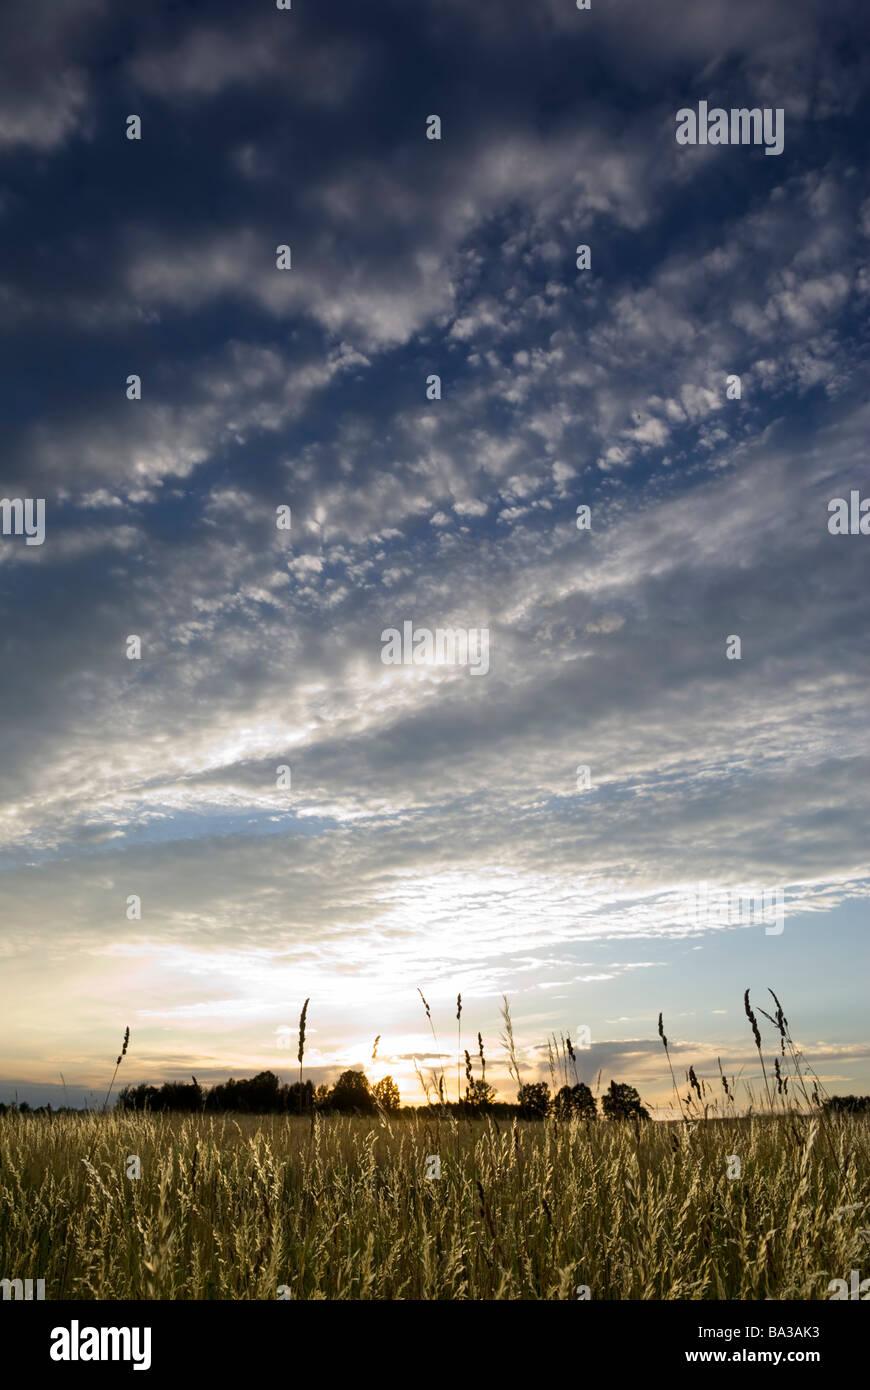 Sonnenuntergang über der Wildgräser aRGB Stockfoto